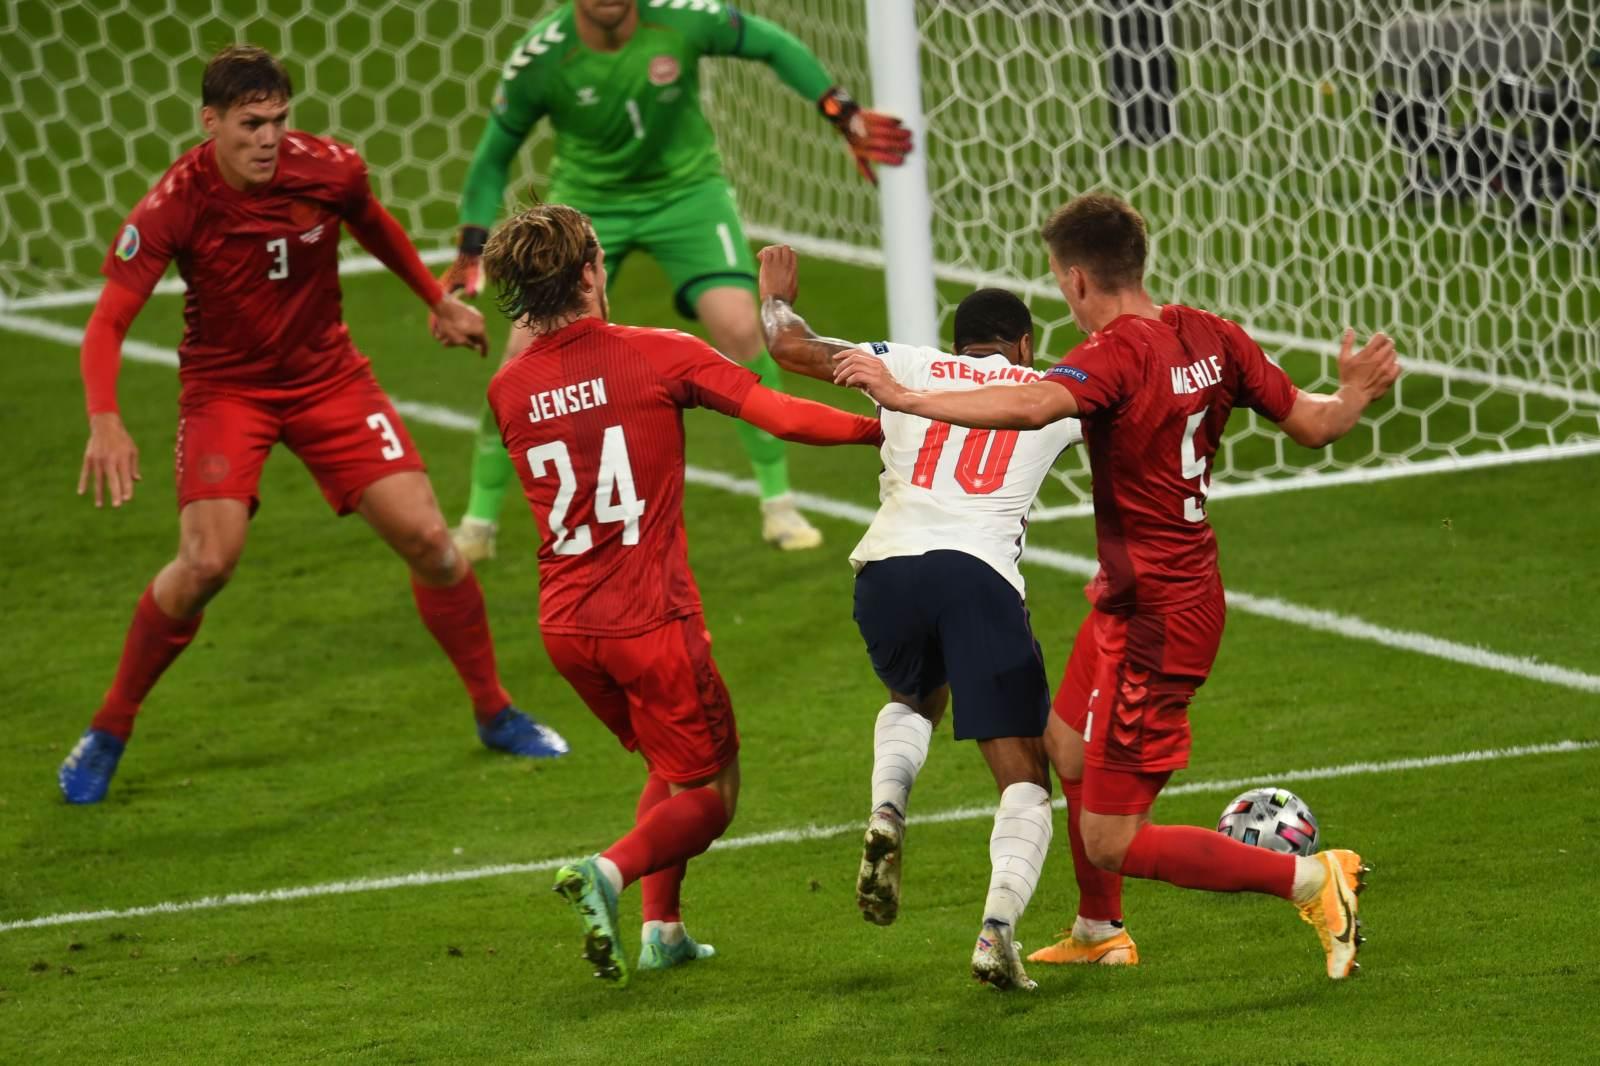 Лепёхин: Было бы обидно, если бы англичане, имея такое преимущество над Данией, не прошли в финал